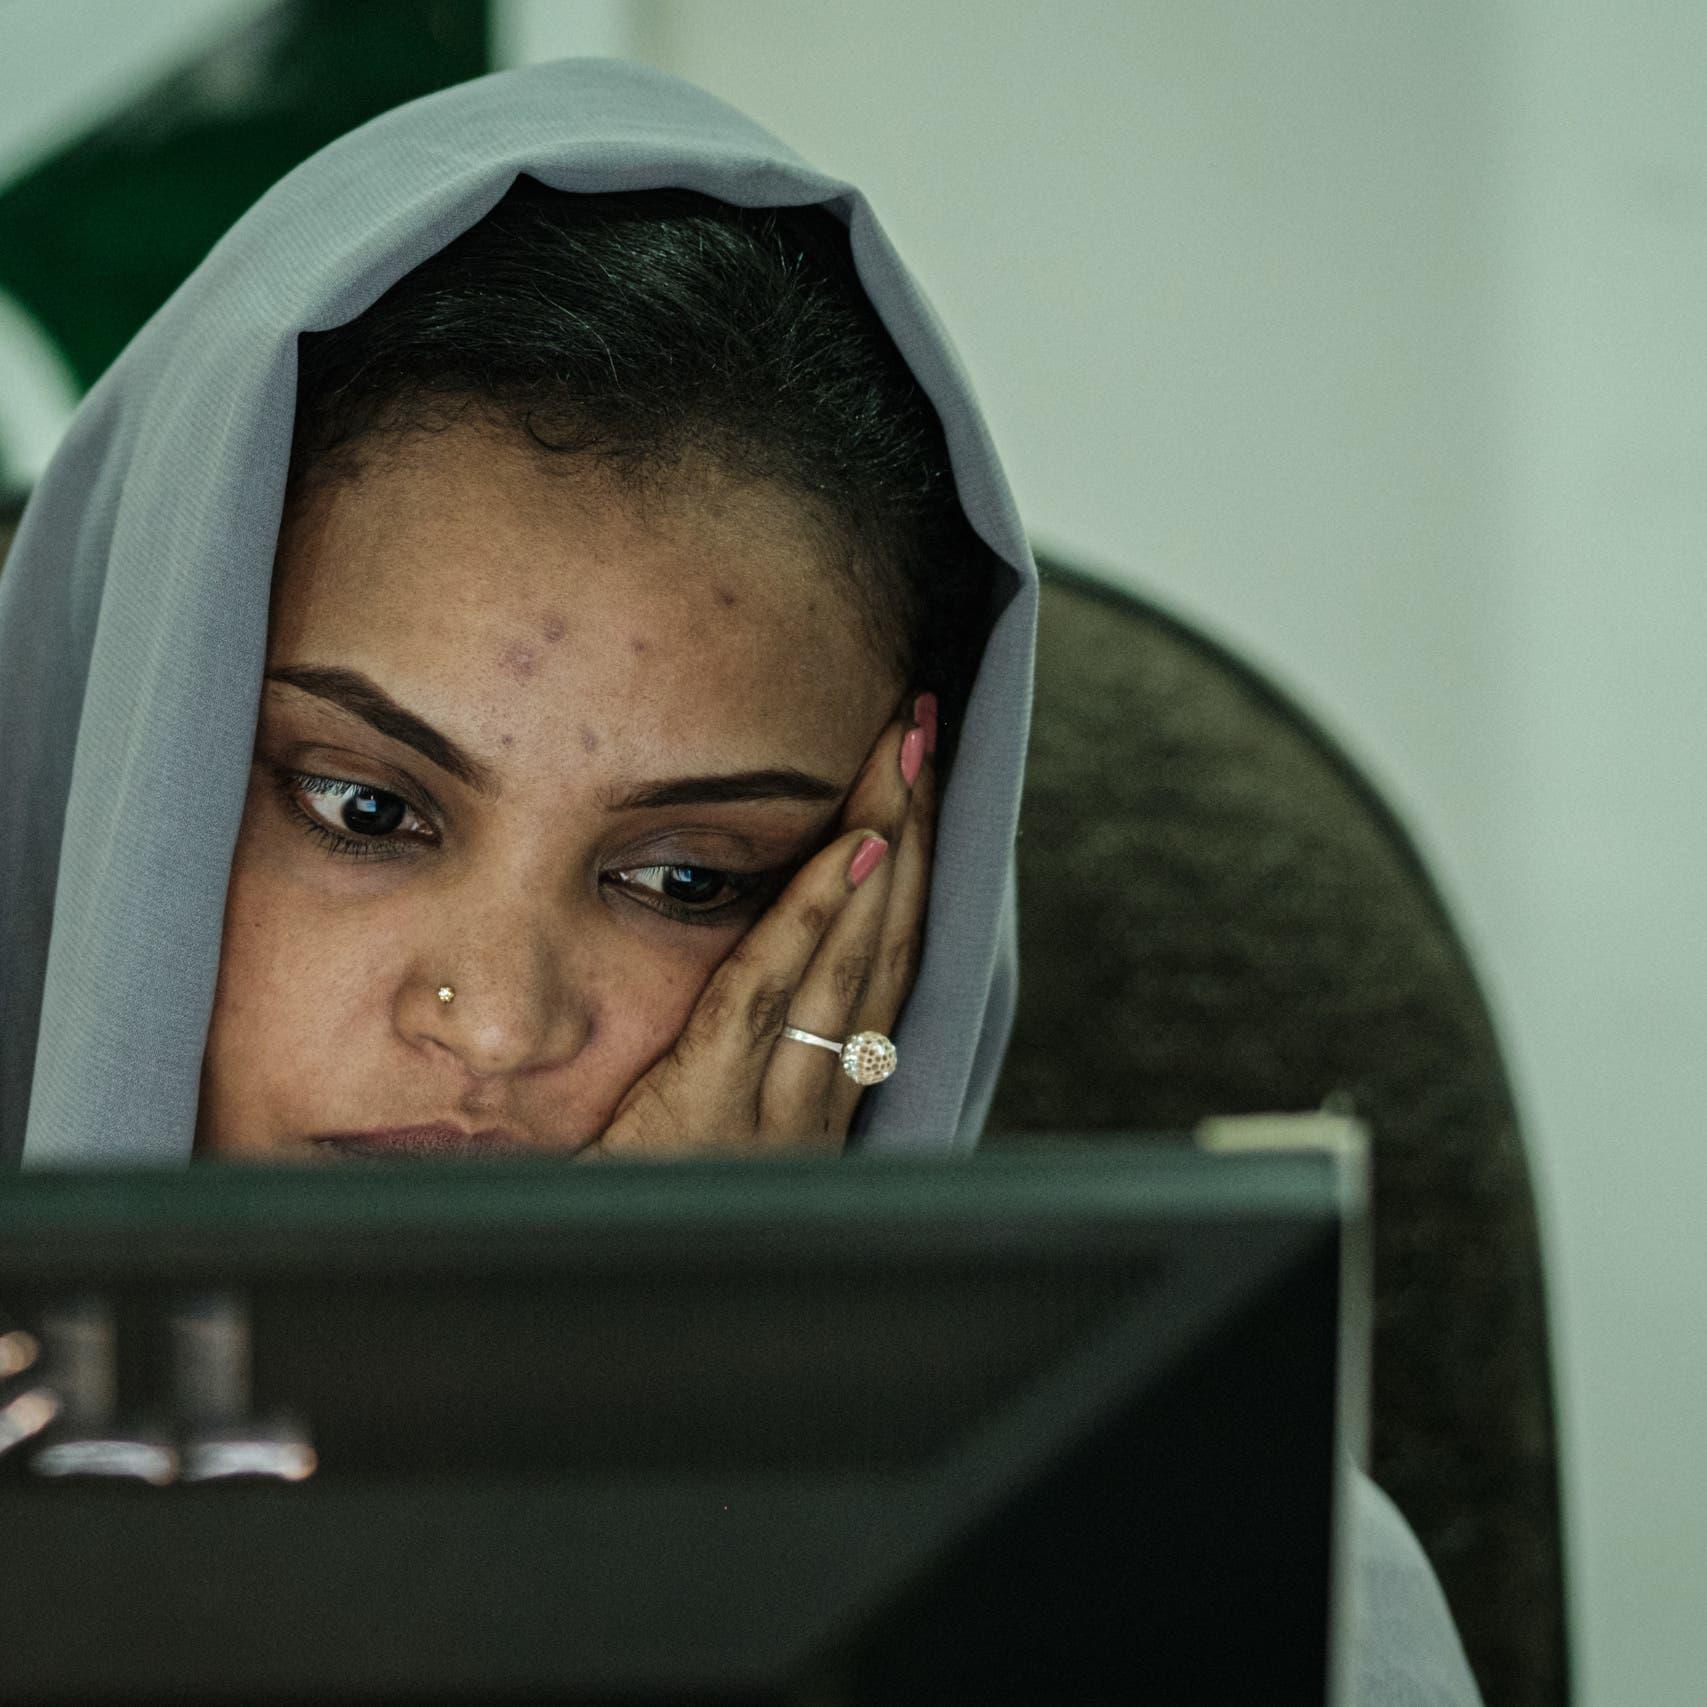 أمر قضائي بإعادة خدمة الإنترنت فوراً إلى السودان